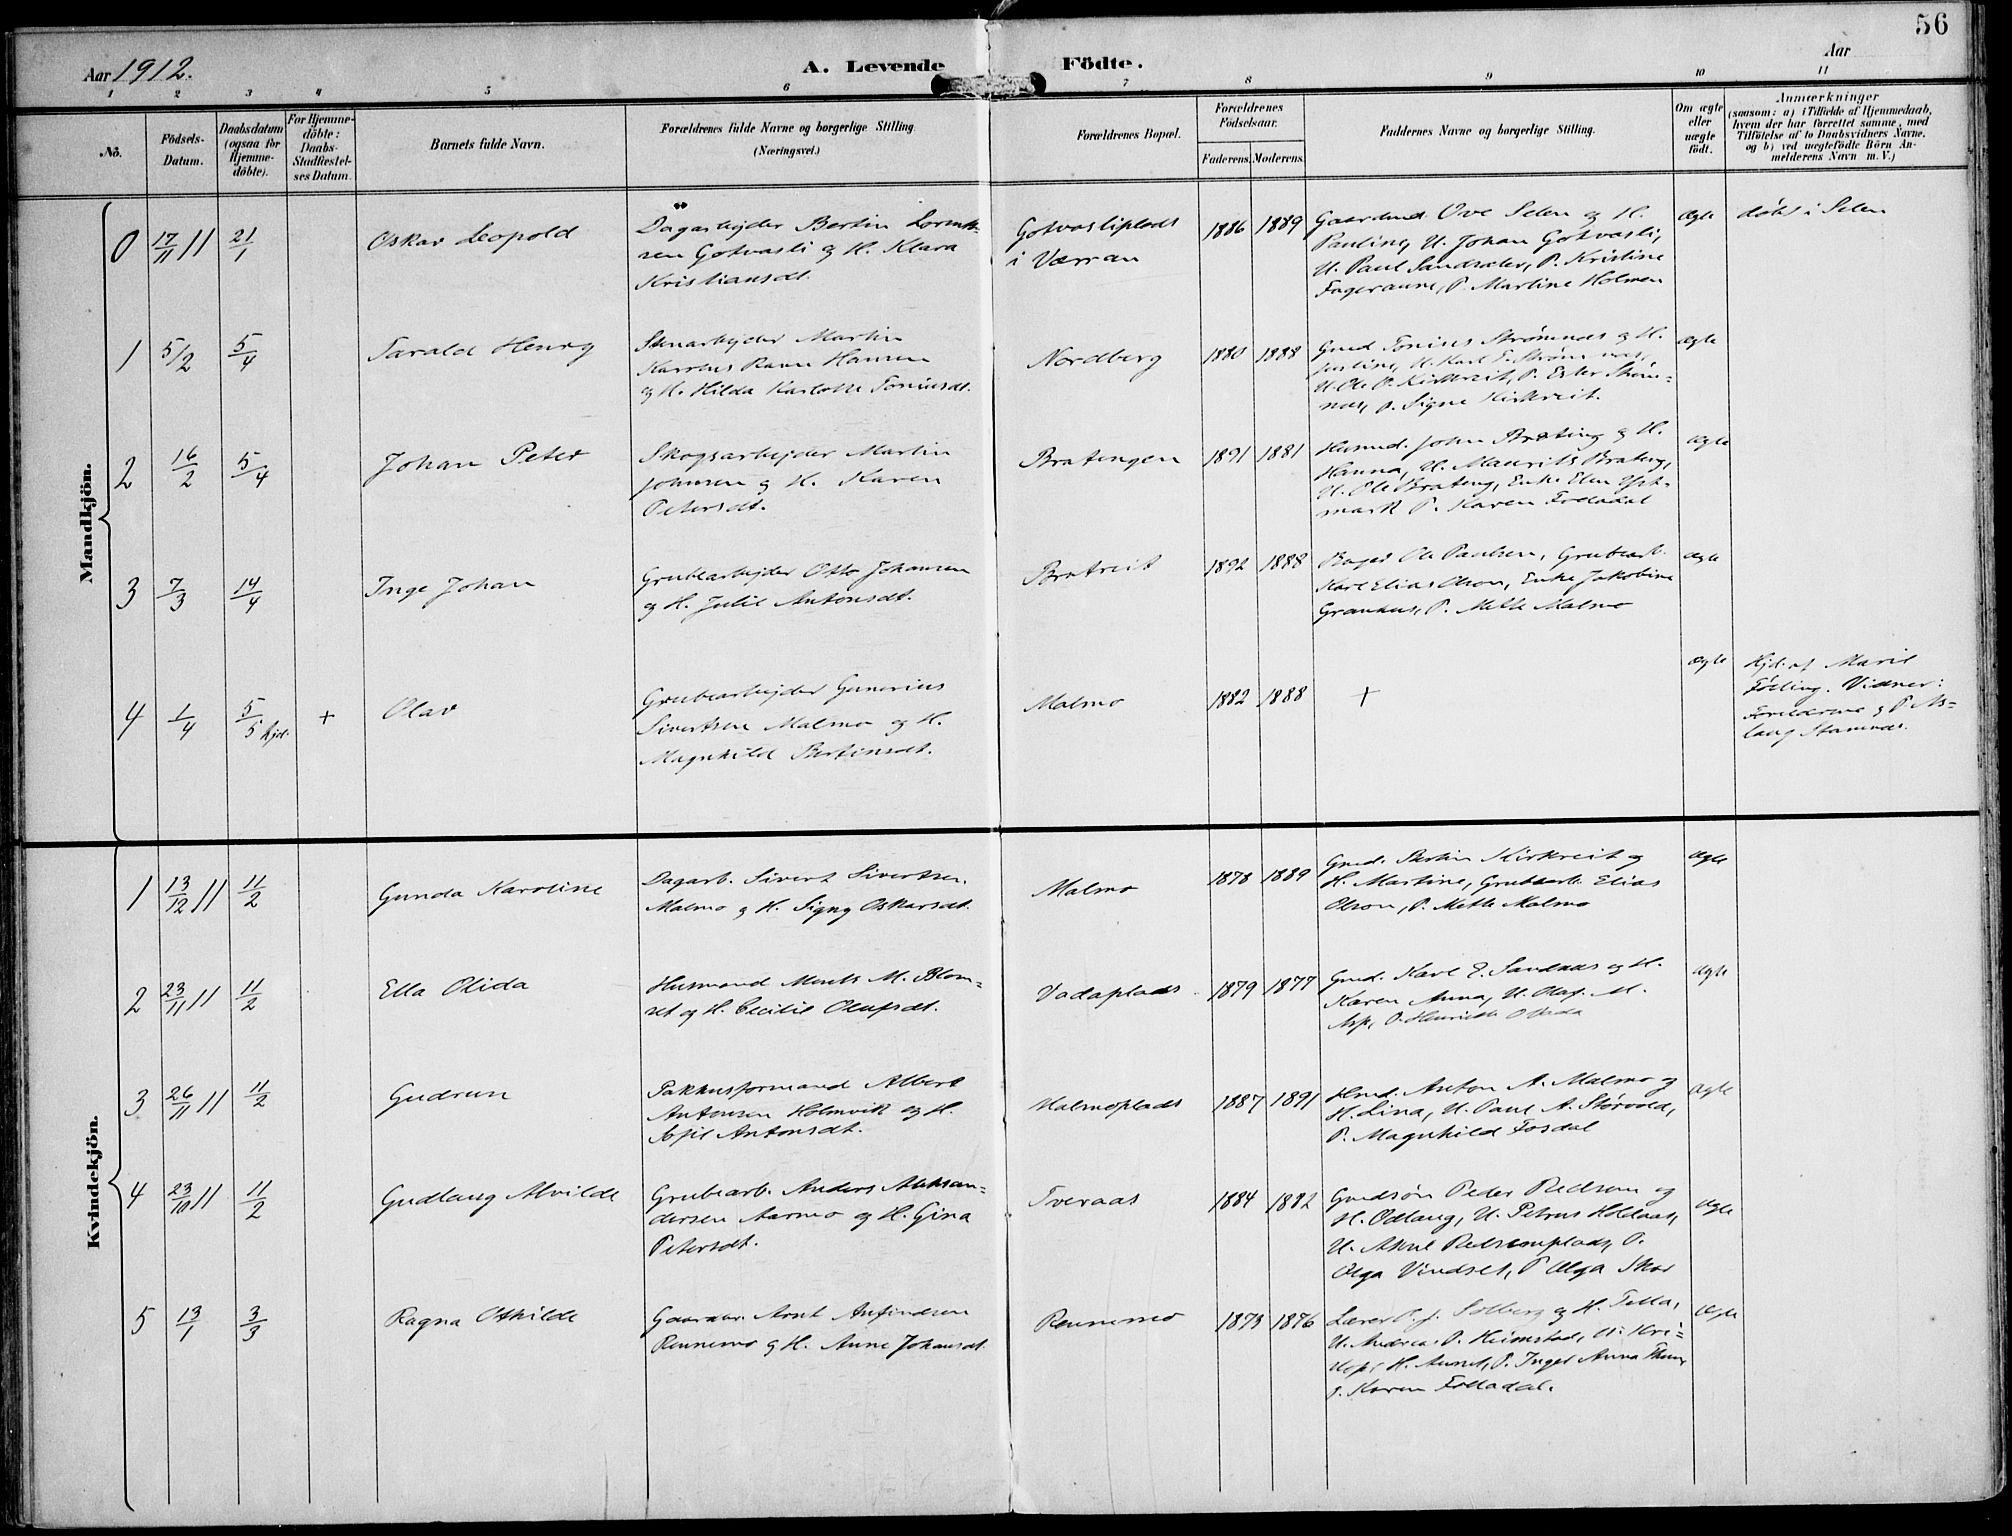 SAT, Ministerialprotokoller, klokkerbøker og fødselsregistre - Nord-Trøndelag, 745/L0430: Ministerialbok nr. 745A02, 1895-1913, s. 56